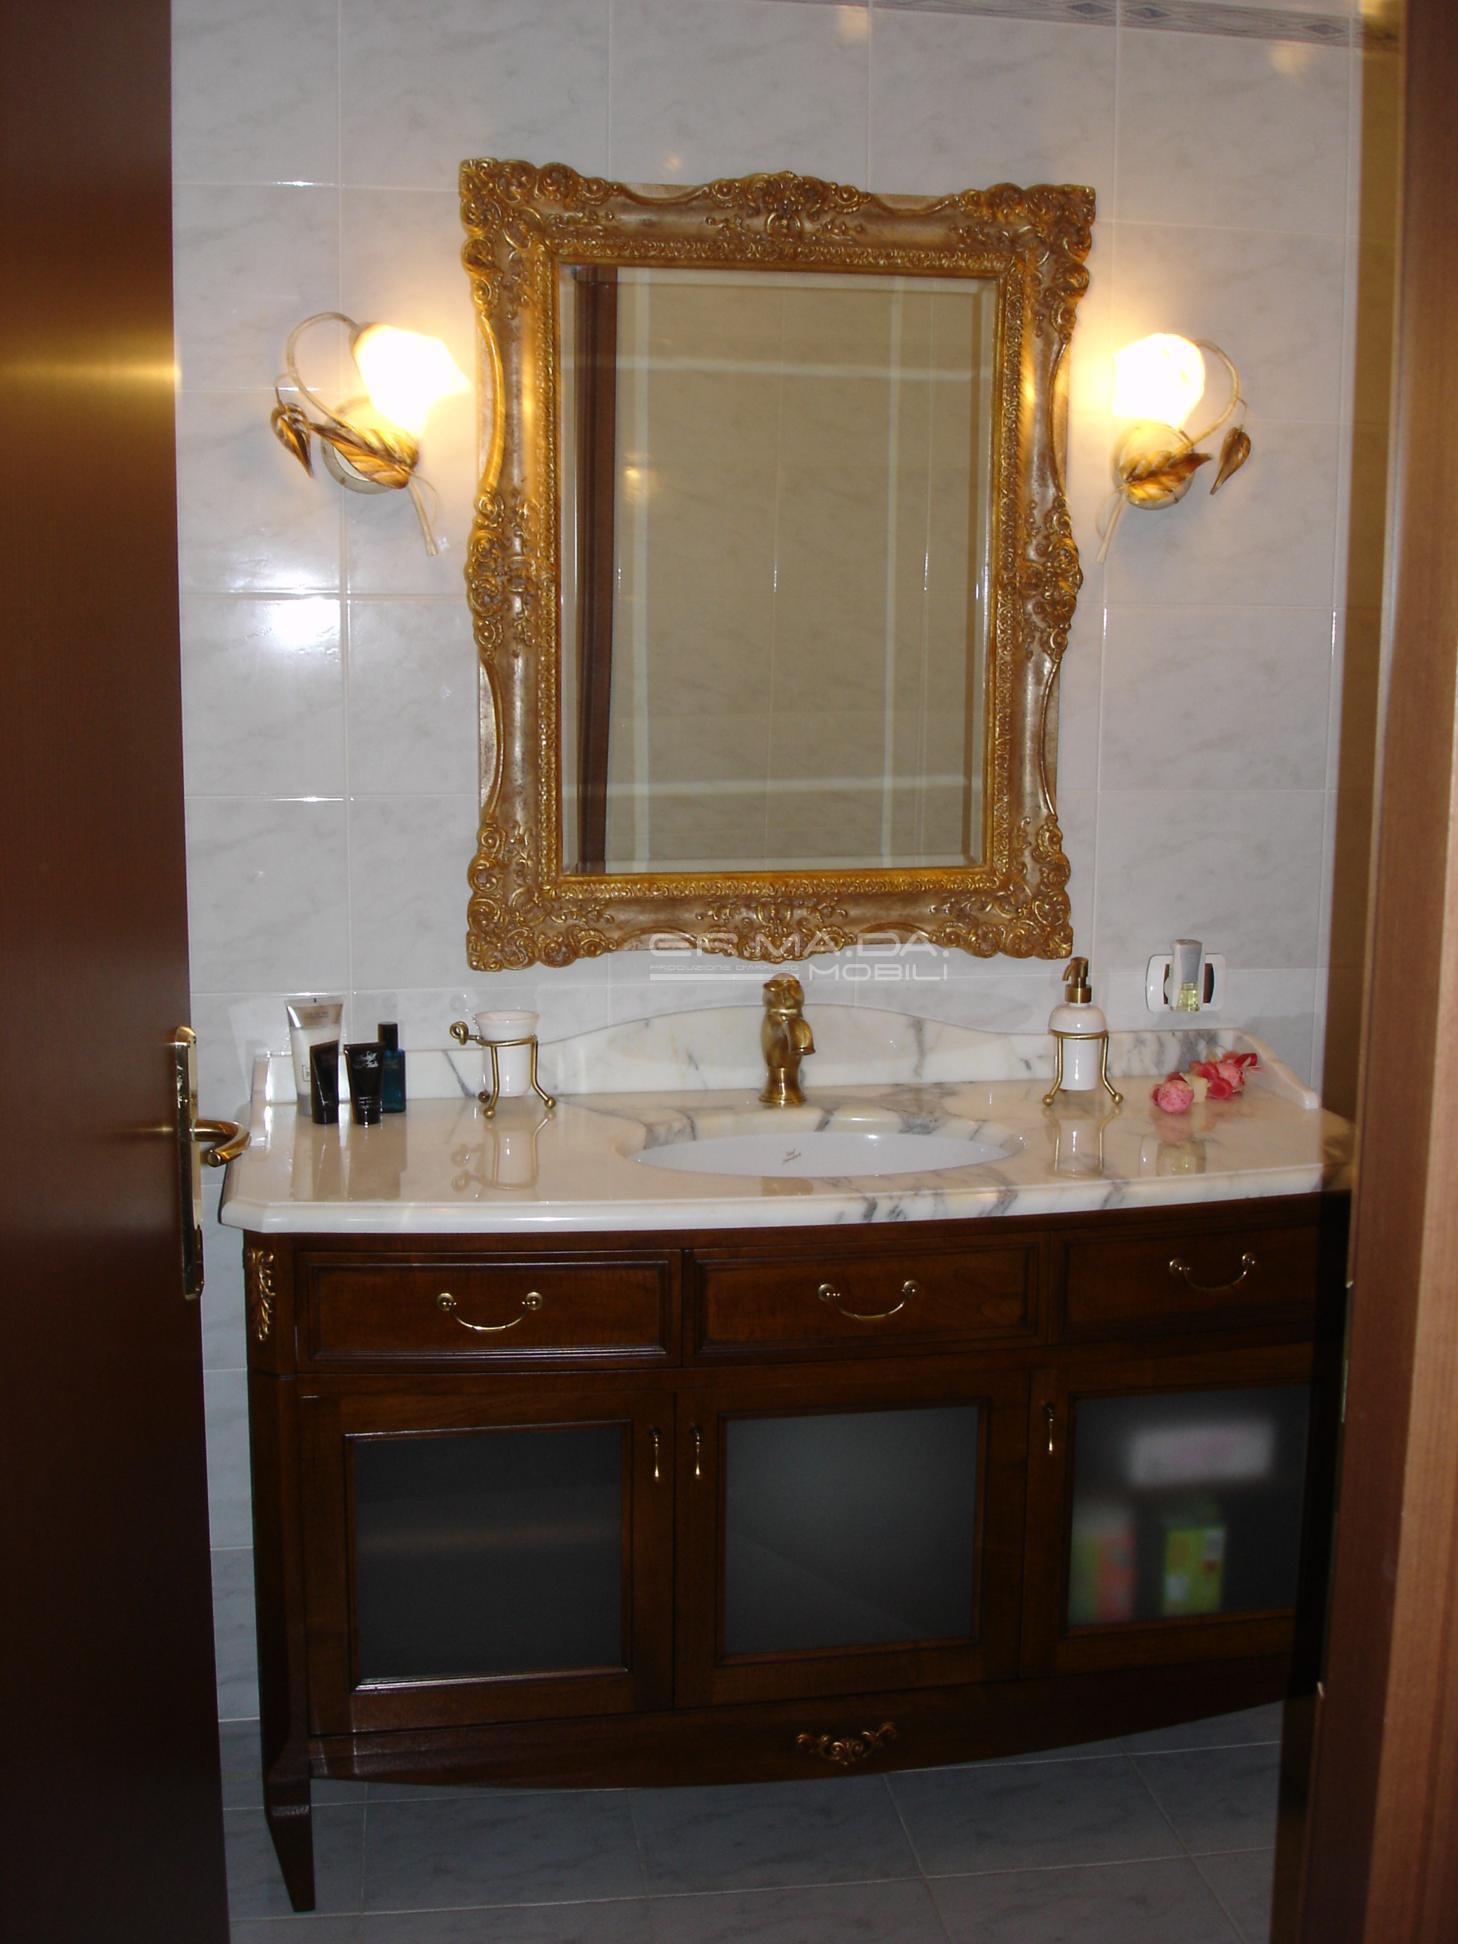 Bagni classici 12 er ma da mobilificio progetta e costruisce i tuoi mobili - Mobili per bagni classici ...